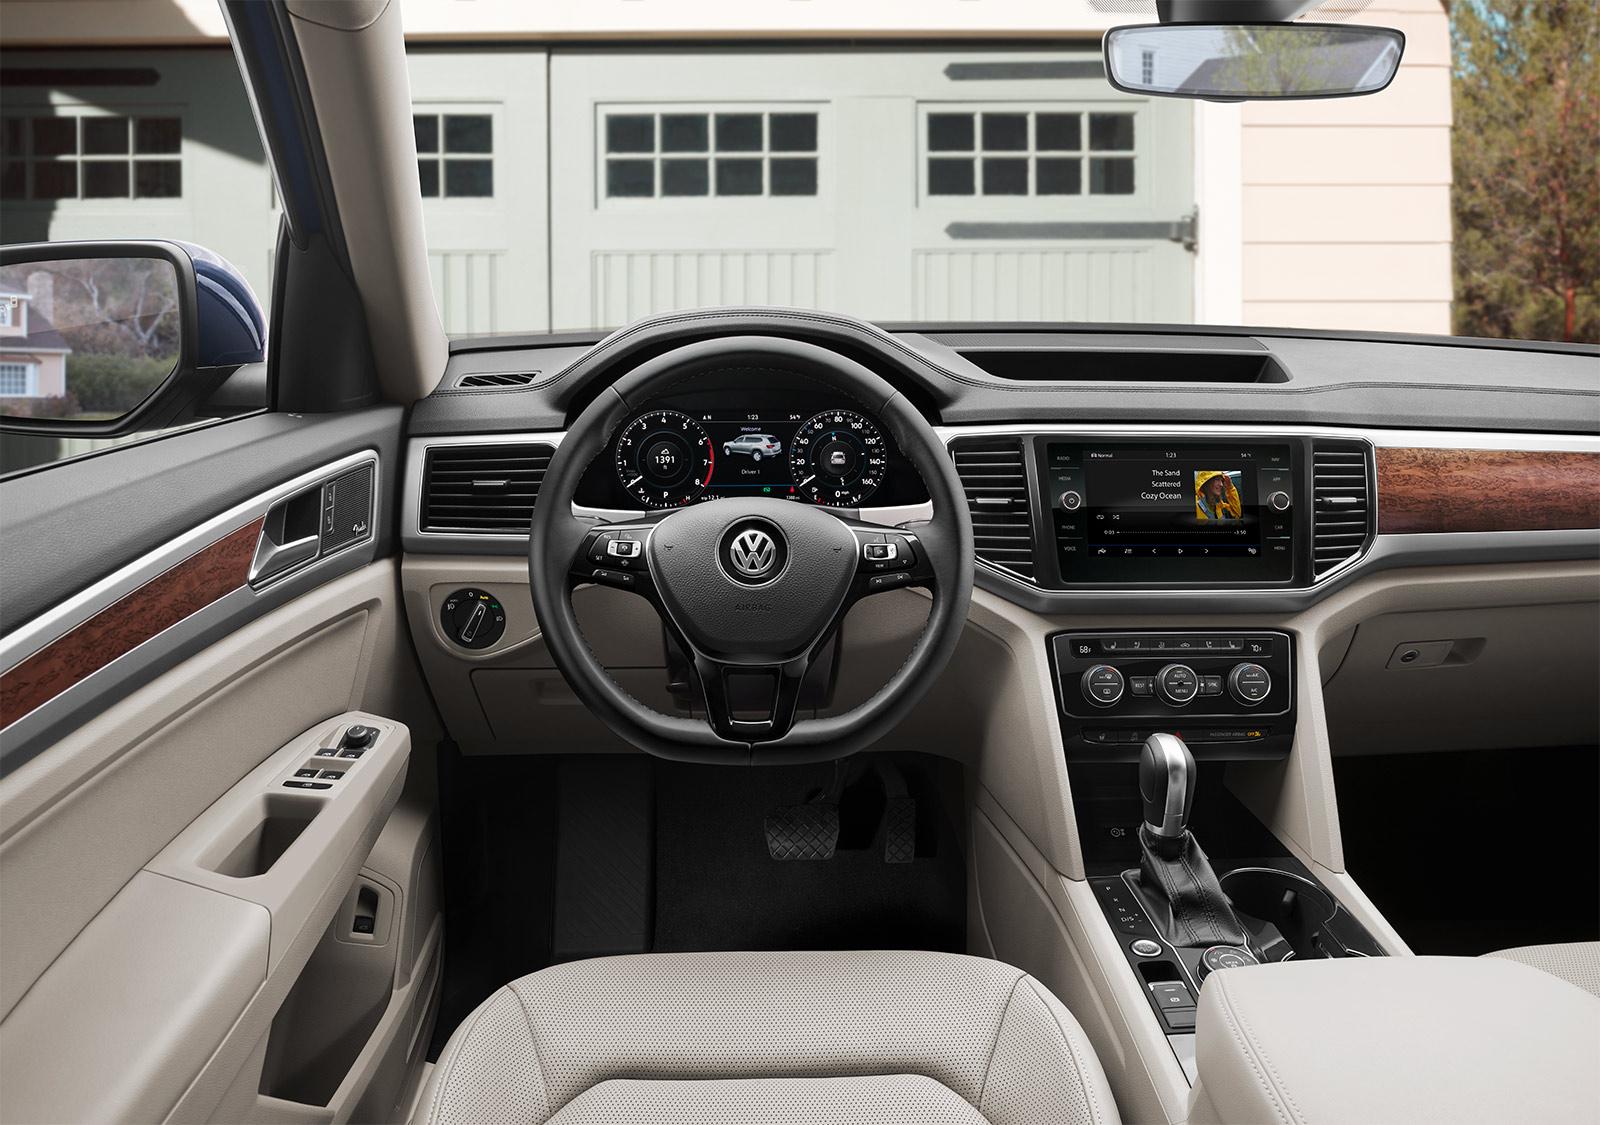 New Volkswagen Atlas Interior